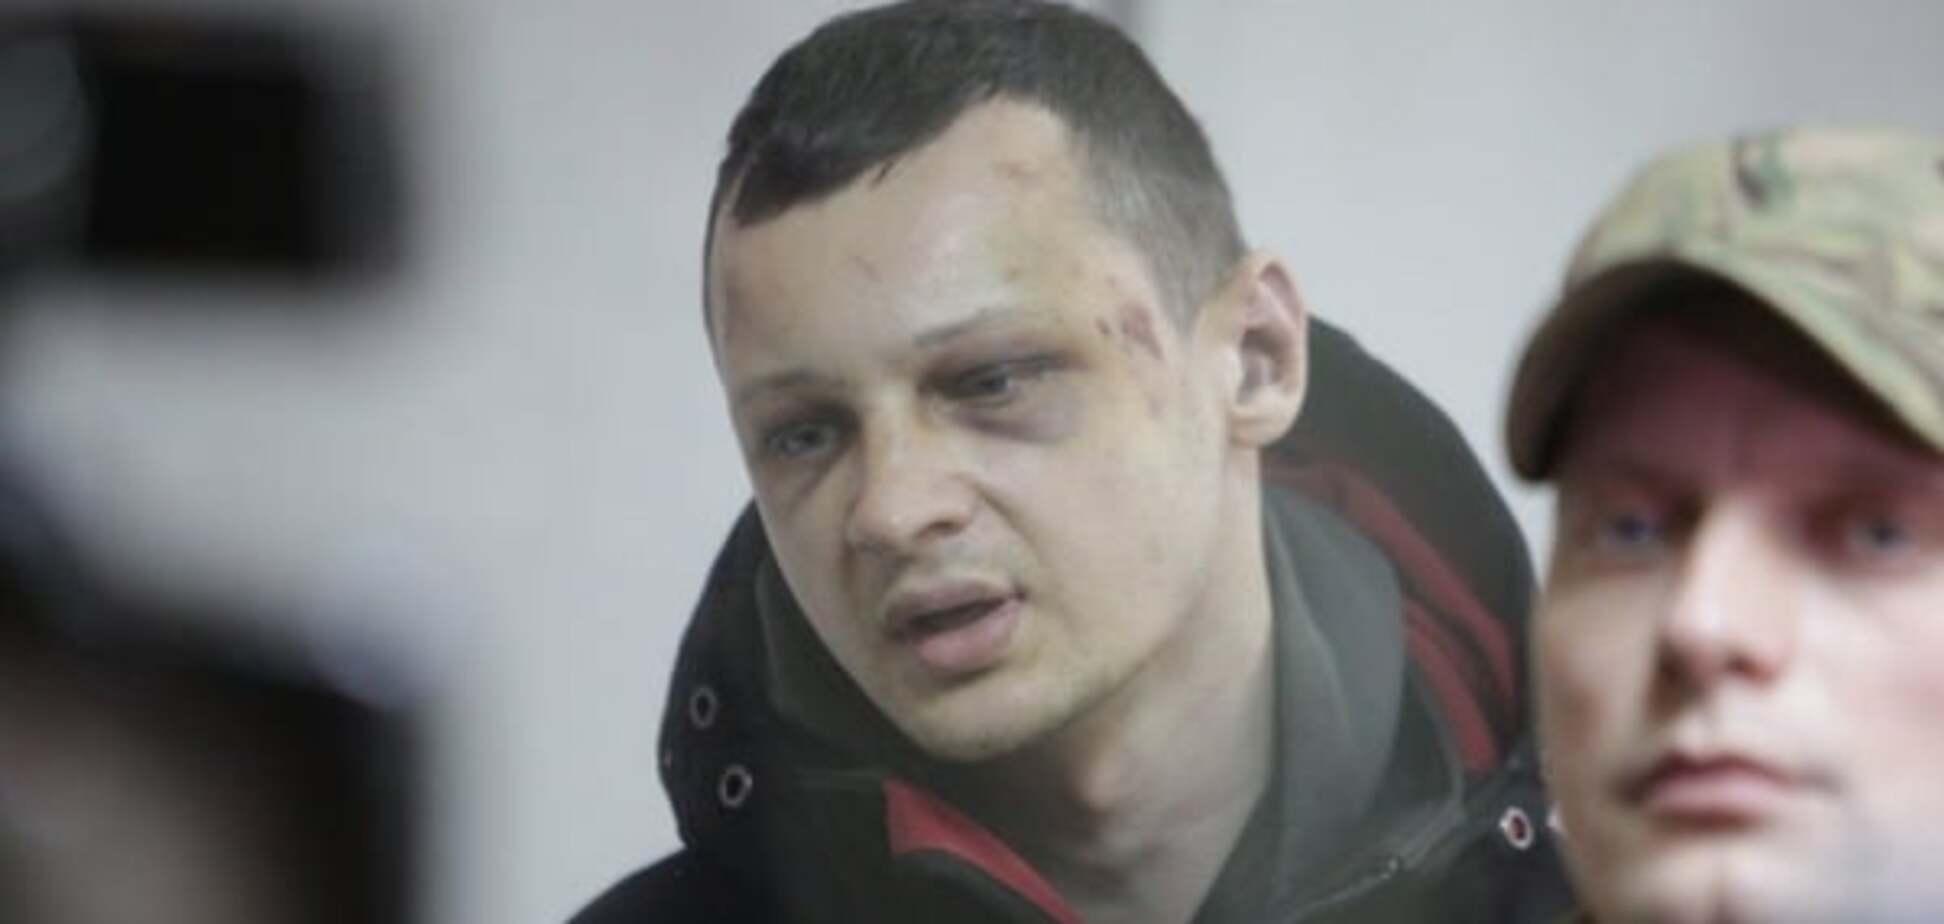 СБУ предъявила Краснову подозрение в терроризме: он без сознания доставлен в реанимацию